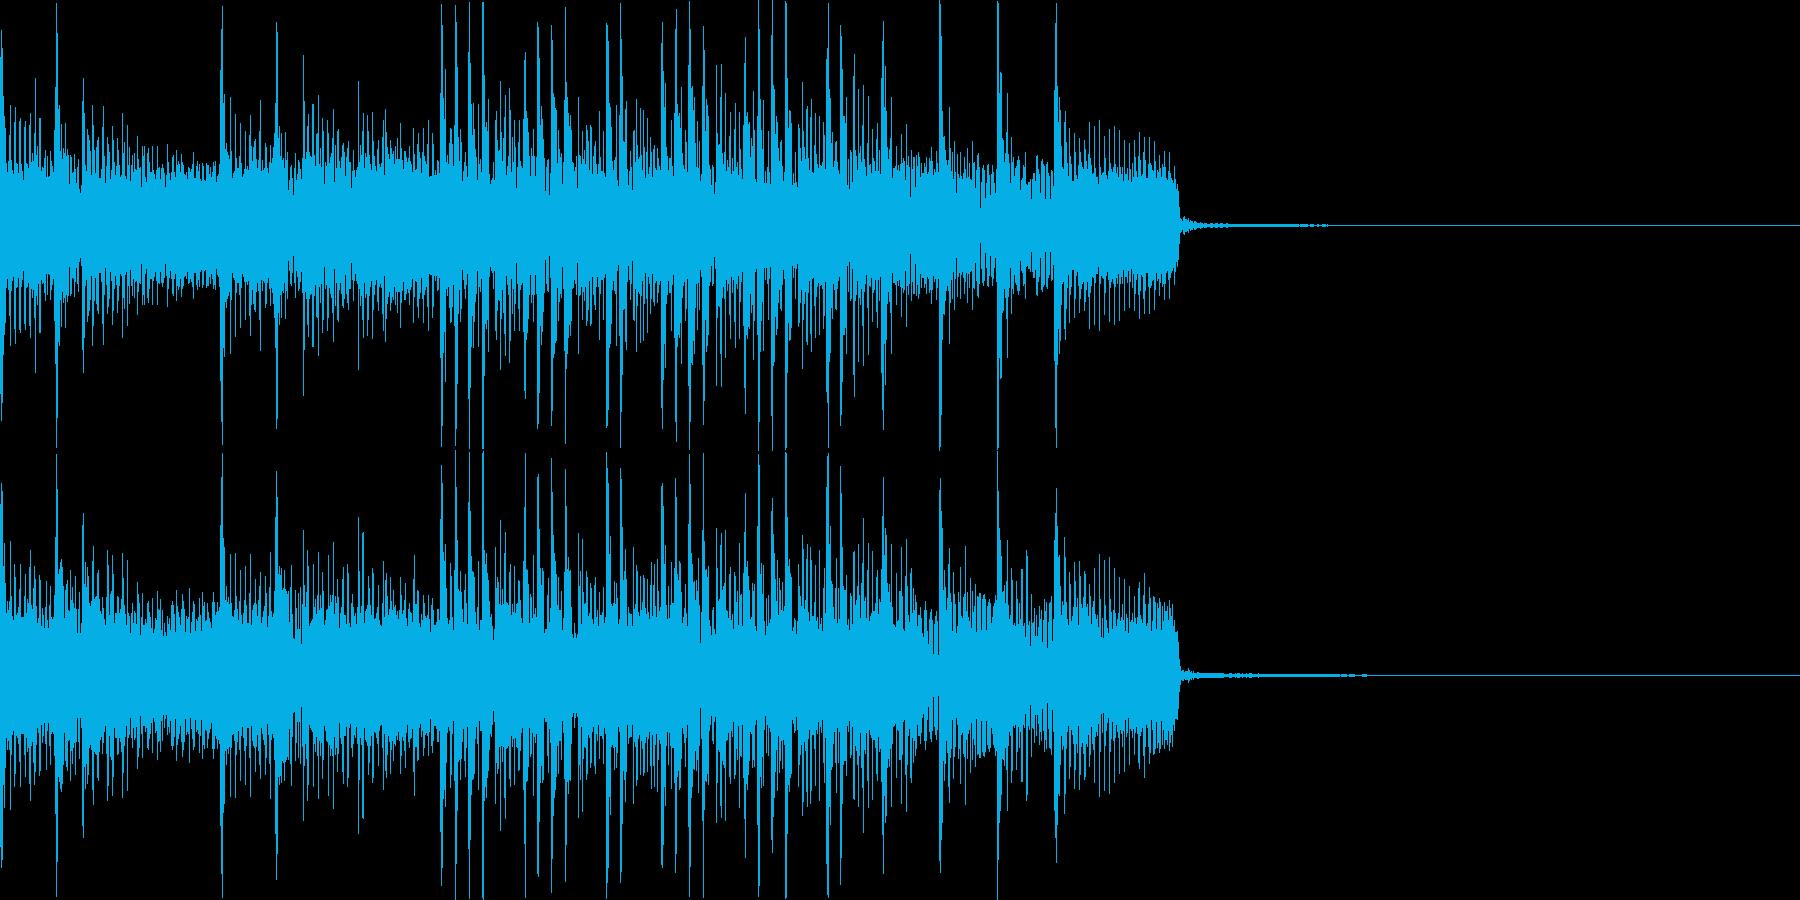 ヘヴィでアグレッシブなジングルその2の再生済みの波形